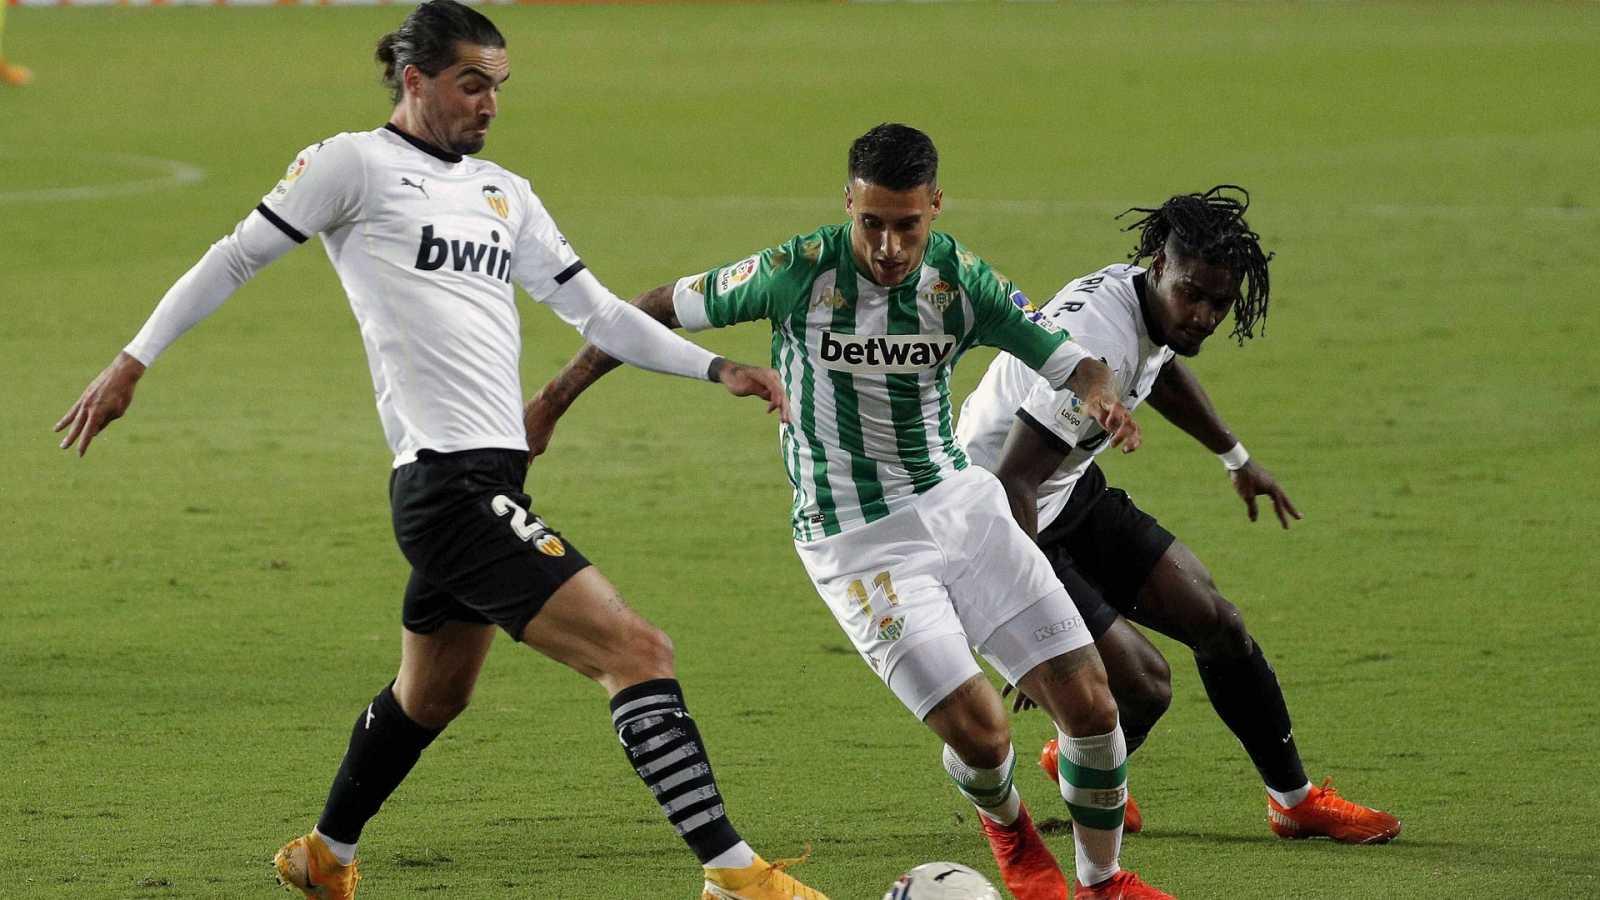 El centrocampista del Real Betis Cristian Tello (c) intenta escaparse del portugués Thierry Rendall Correia (i) y de Jason Salgueiro,